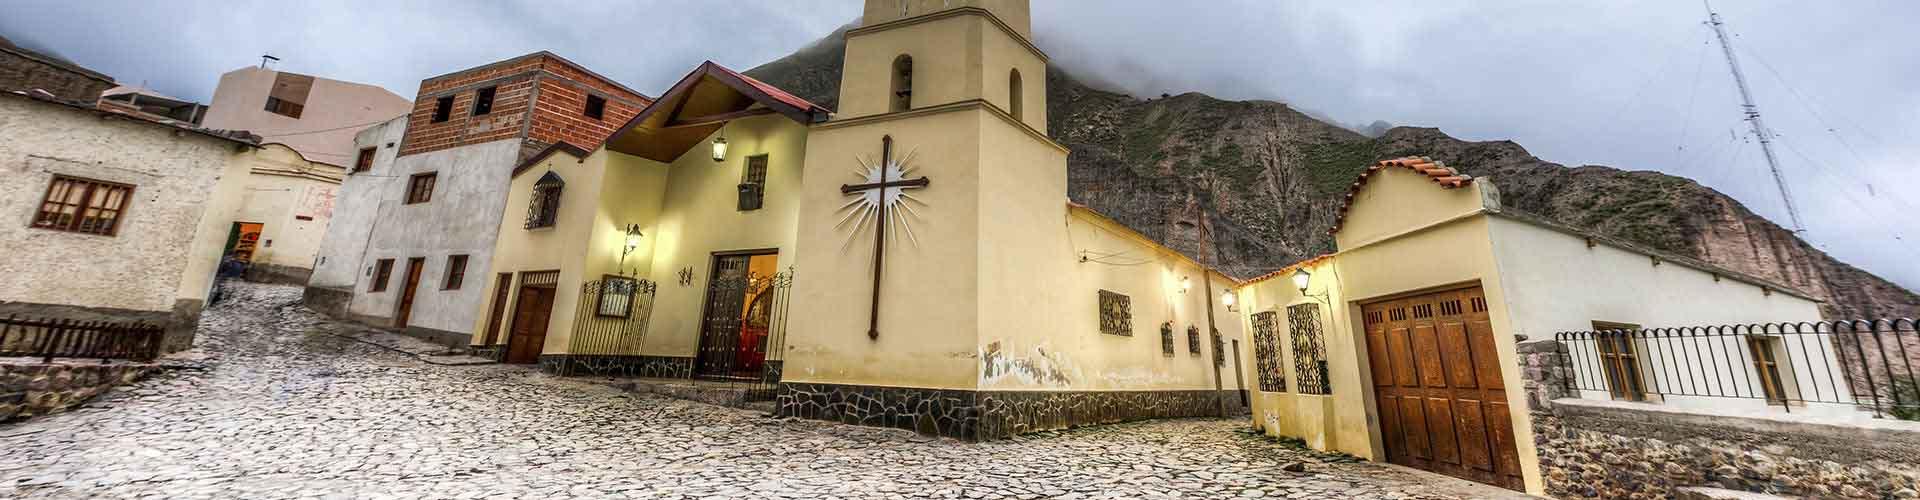 Salta - Auberges de jeunesse dans le quartier de Calixto Gauna. Cartes pour Salta, photos et commentaires pour chaque auberge de jeunesse à Salta.